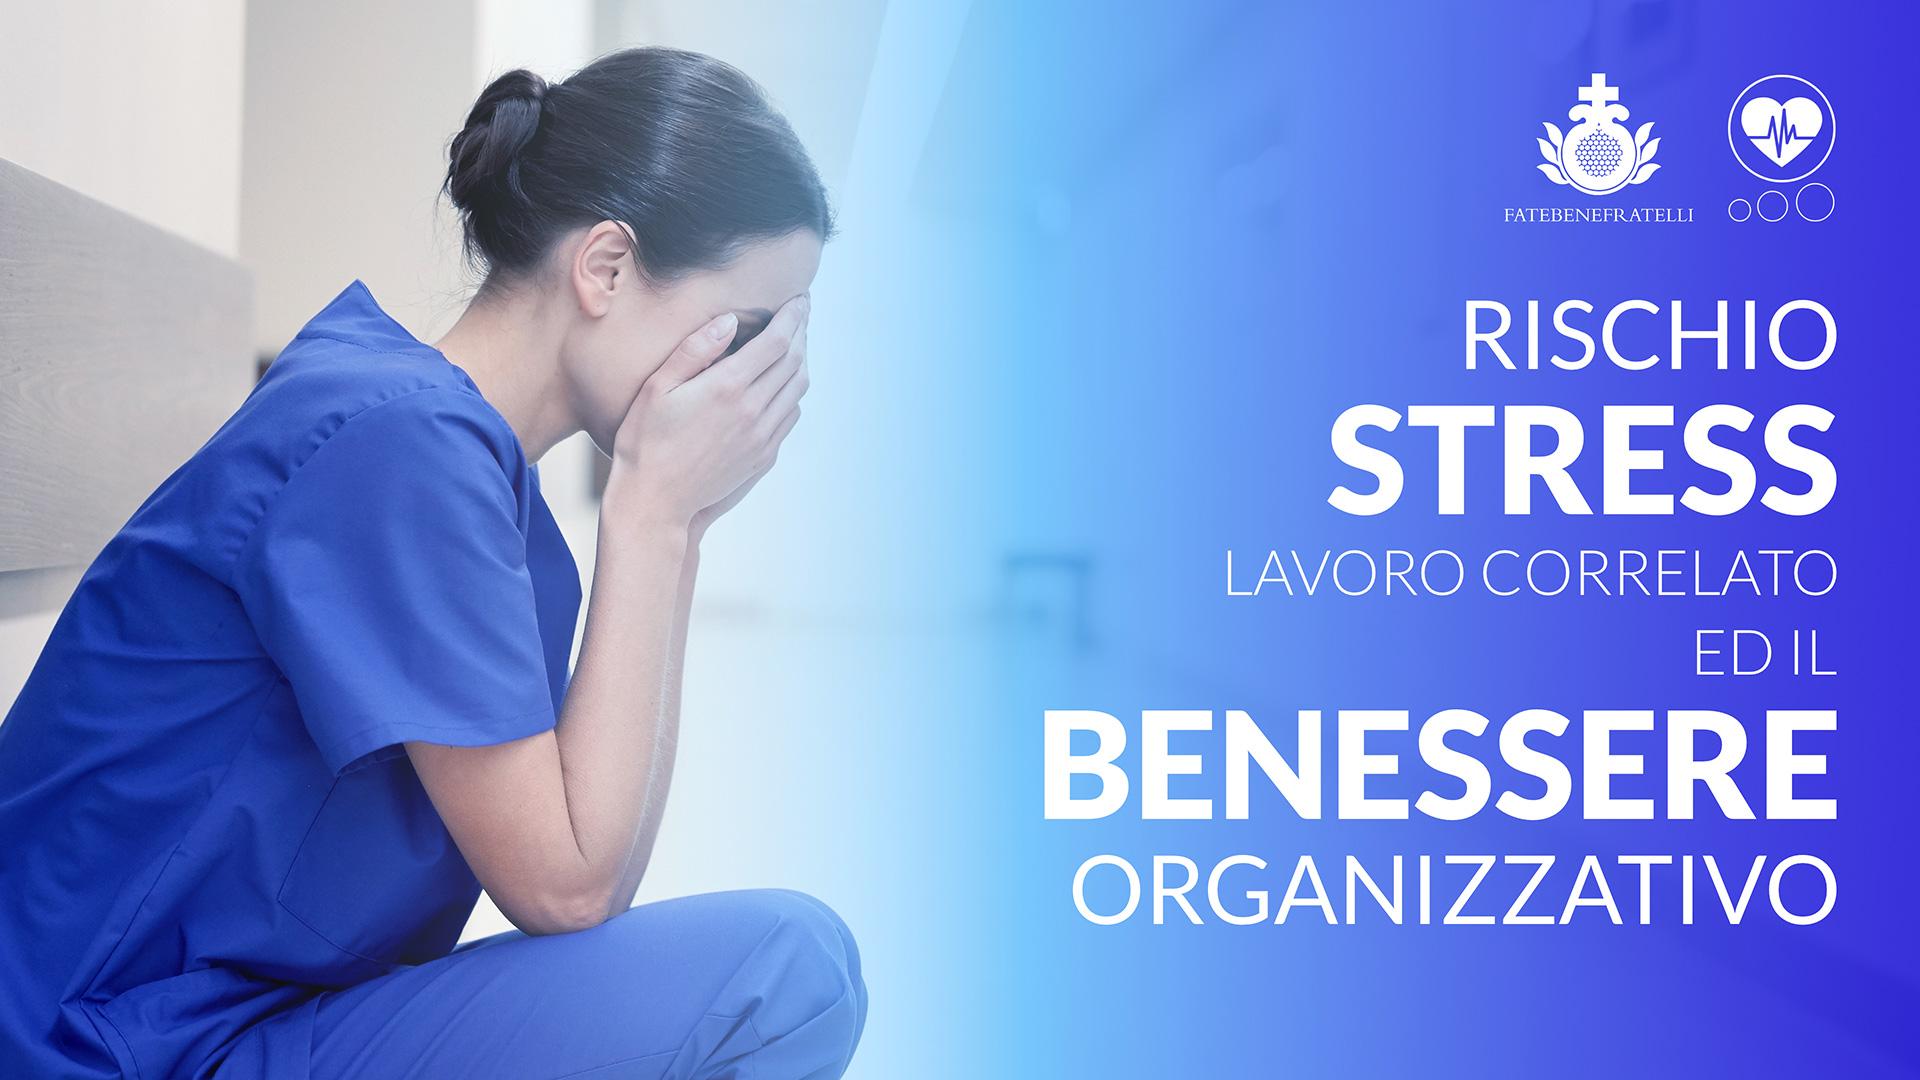 Il rischio stress lavoro-correlato ed il benessere organizzativo